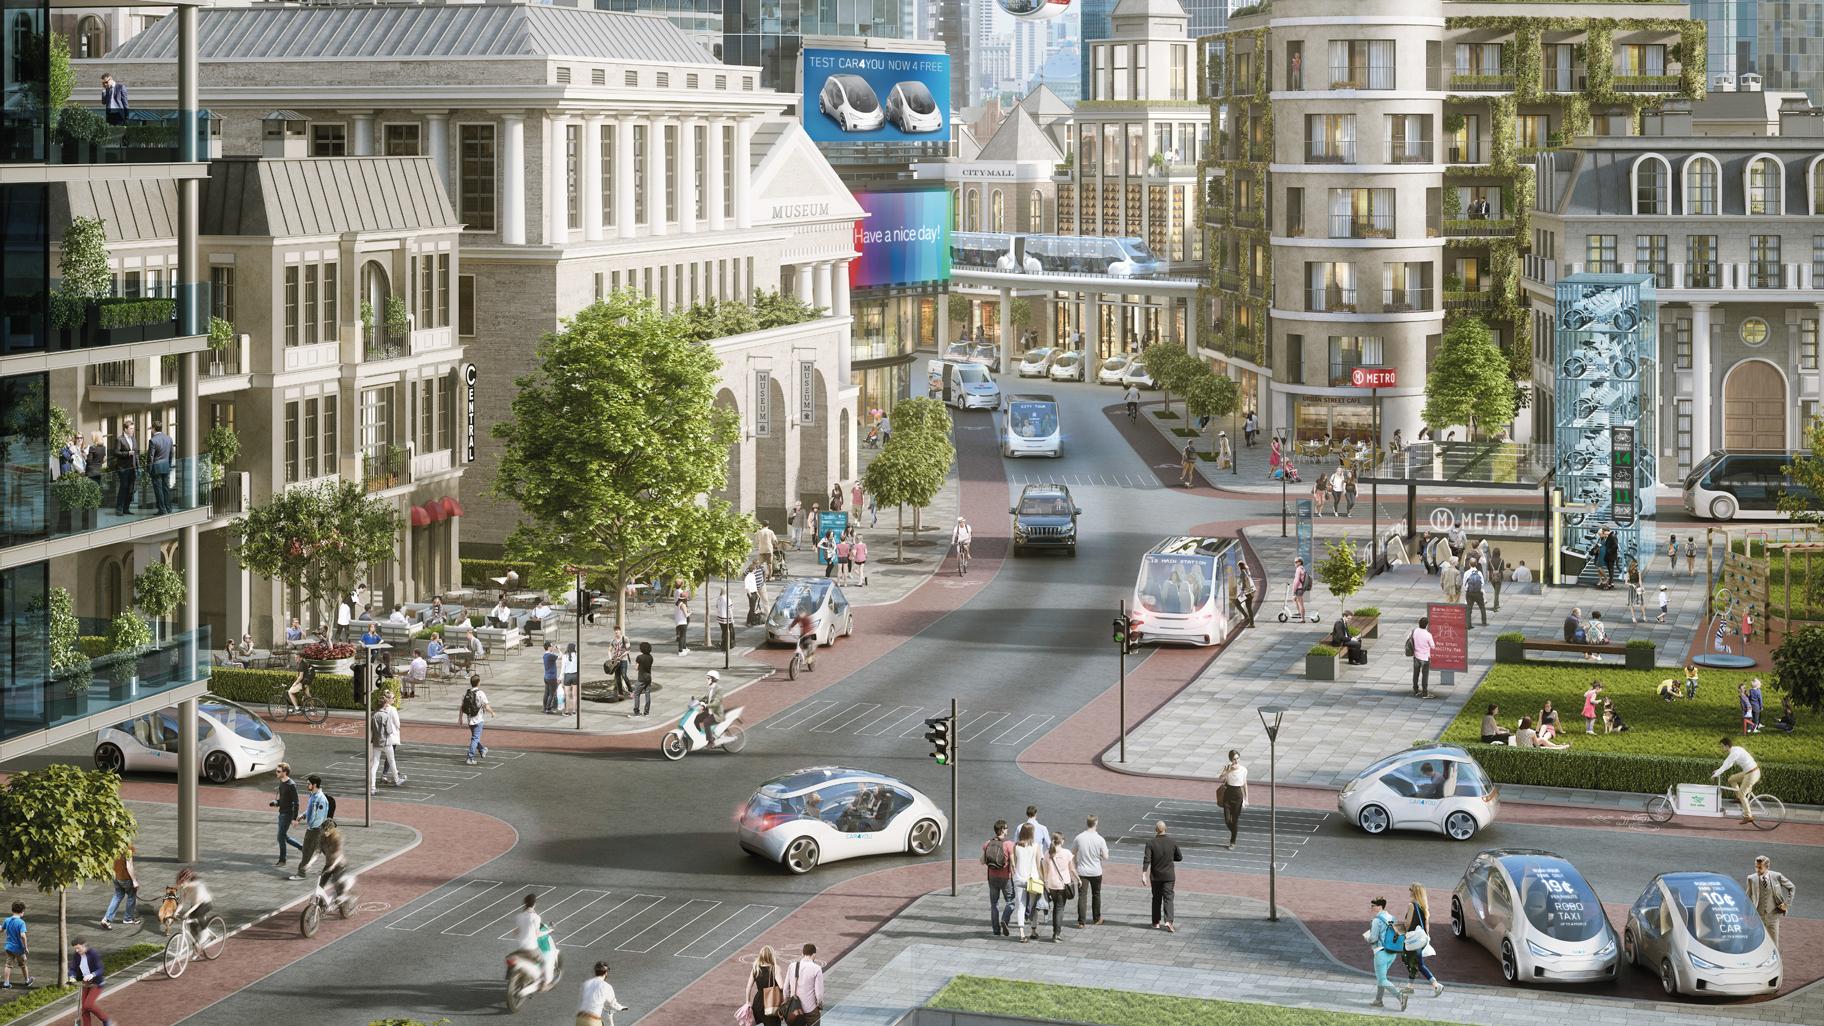 Luftqualität in Städten